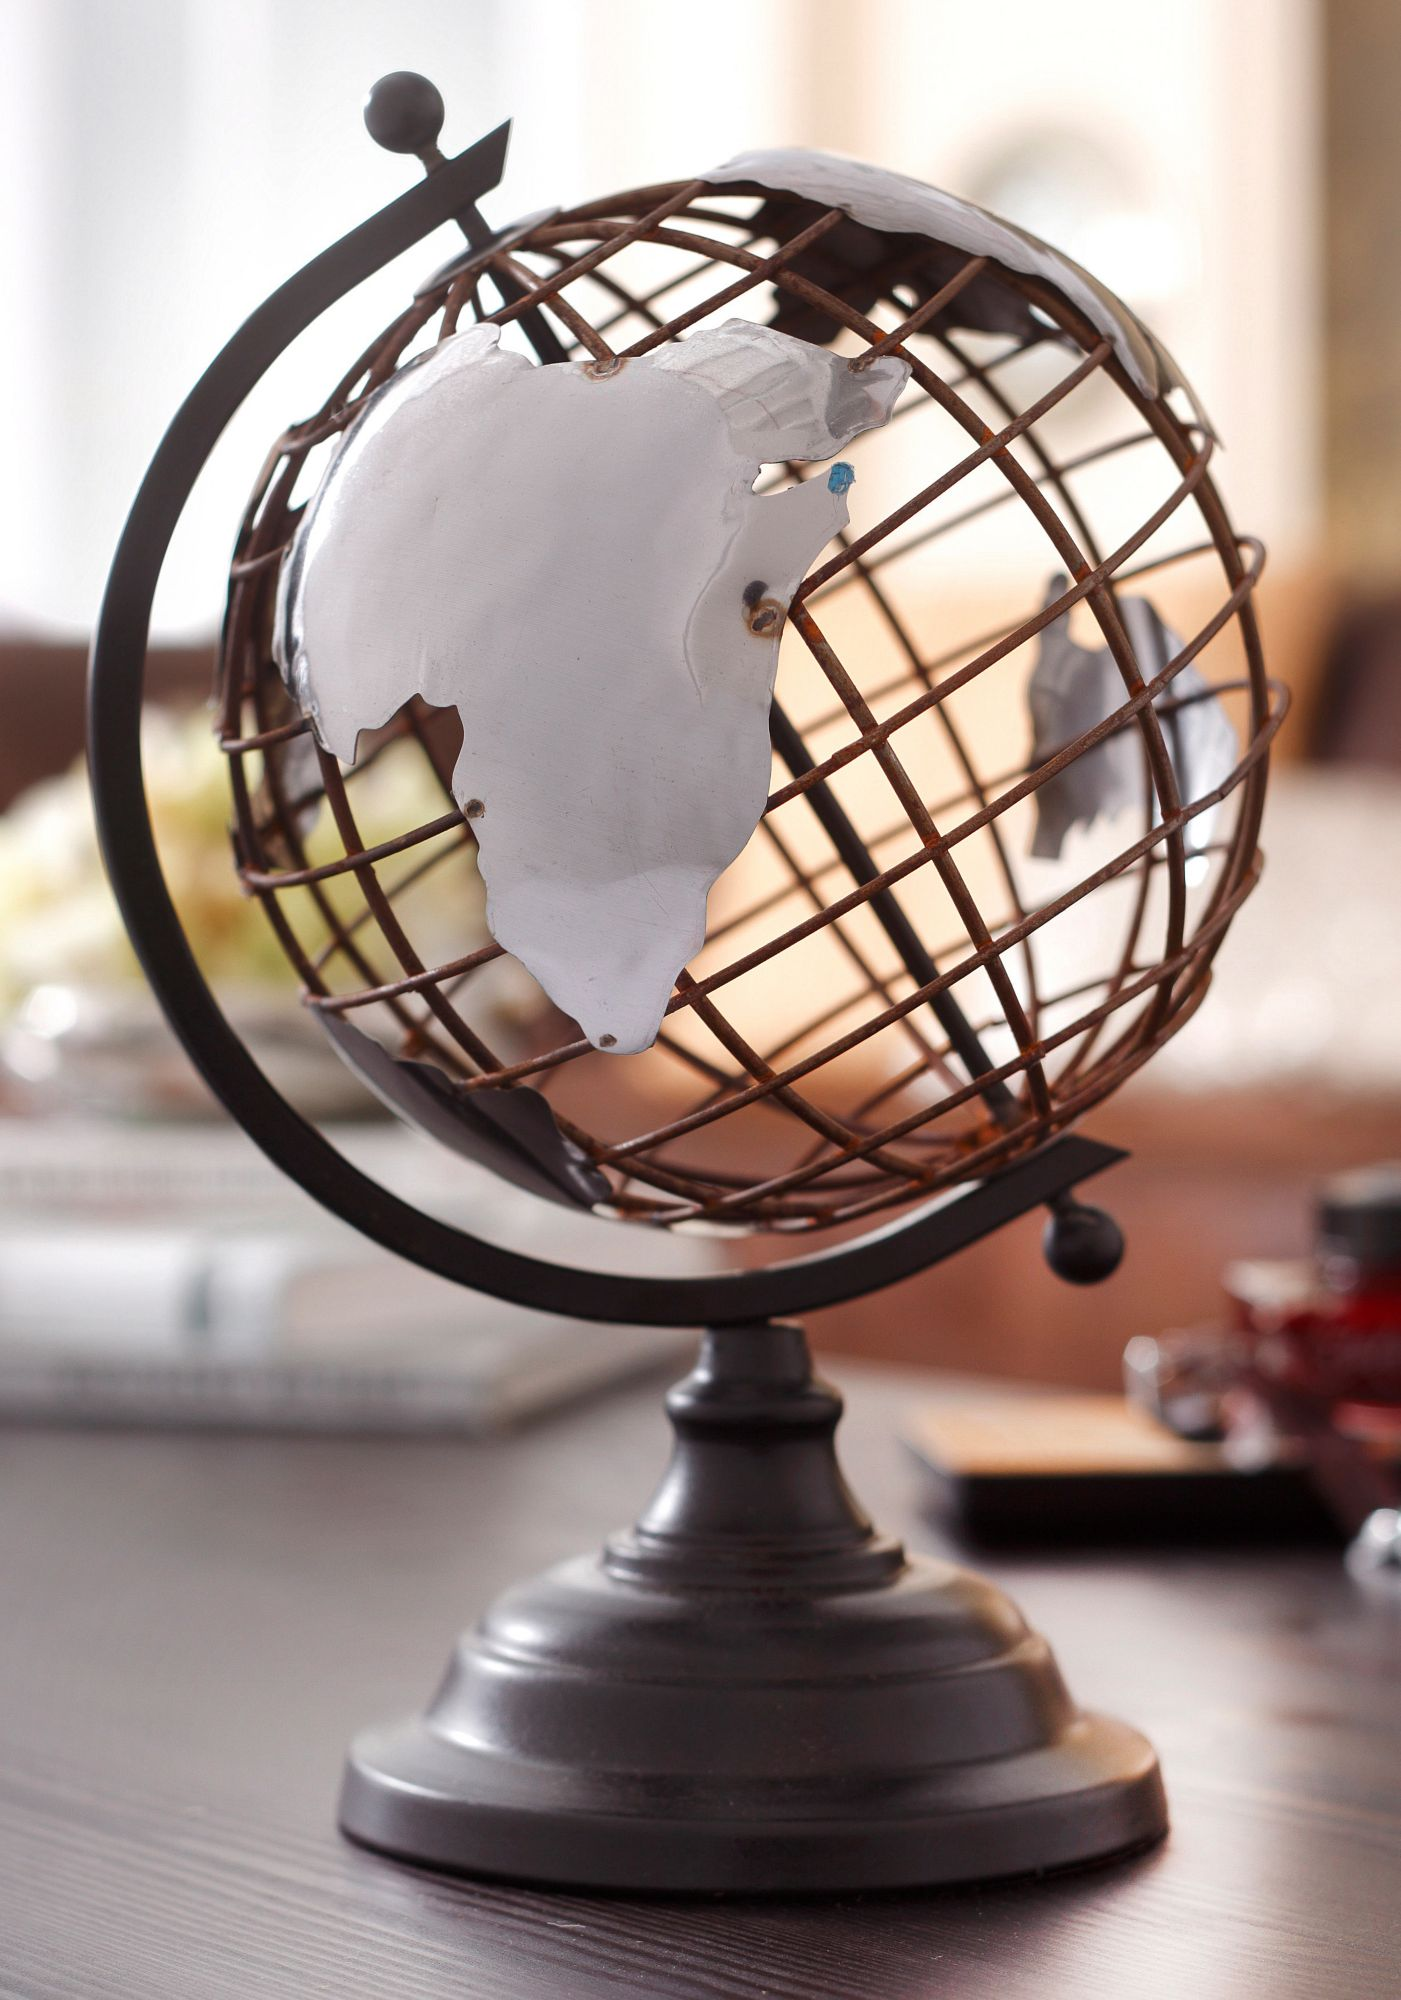 deko globus g nstig online kaufen beim schwab versand. Black Bedroom Furniture Sets. Home Design Ideas